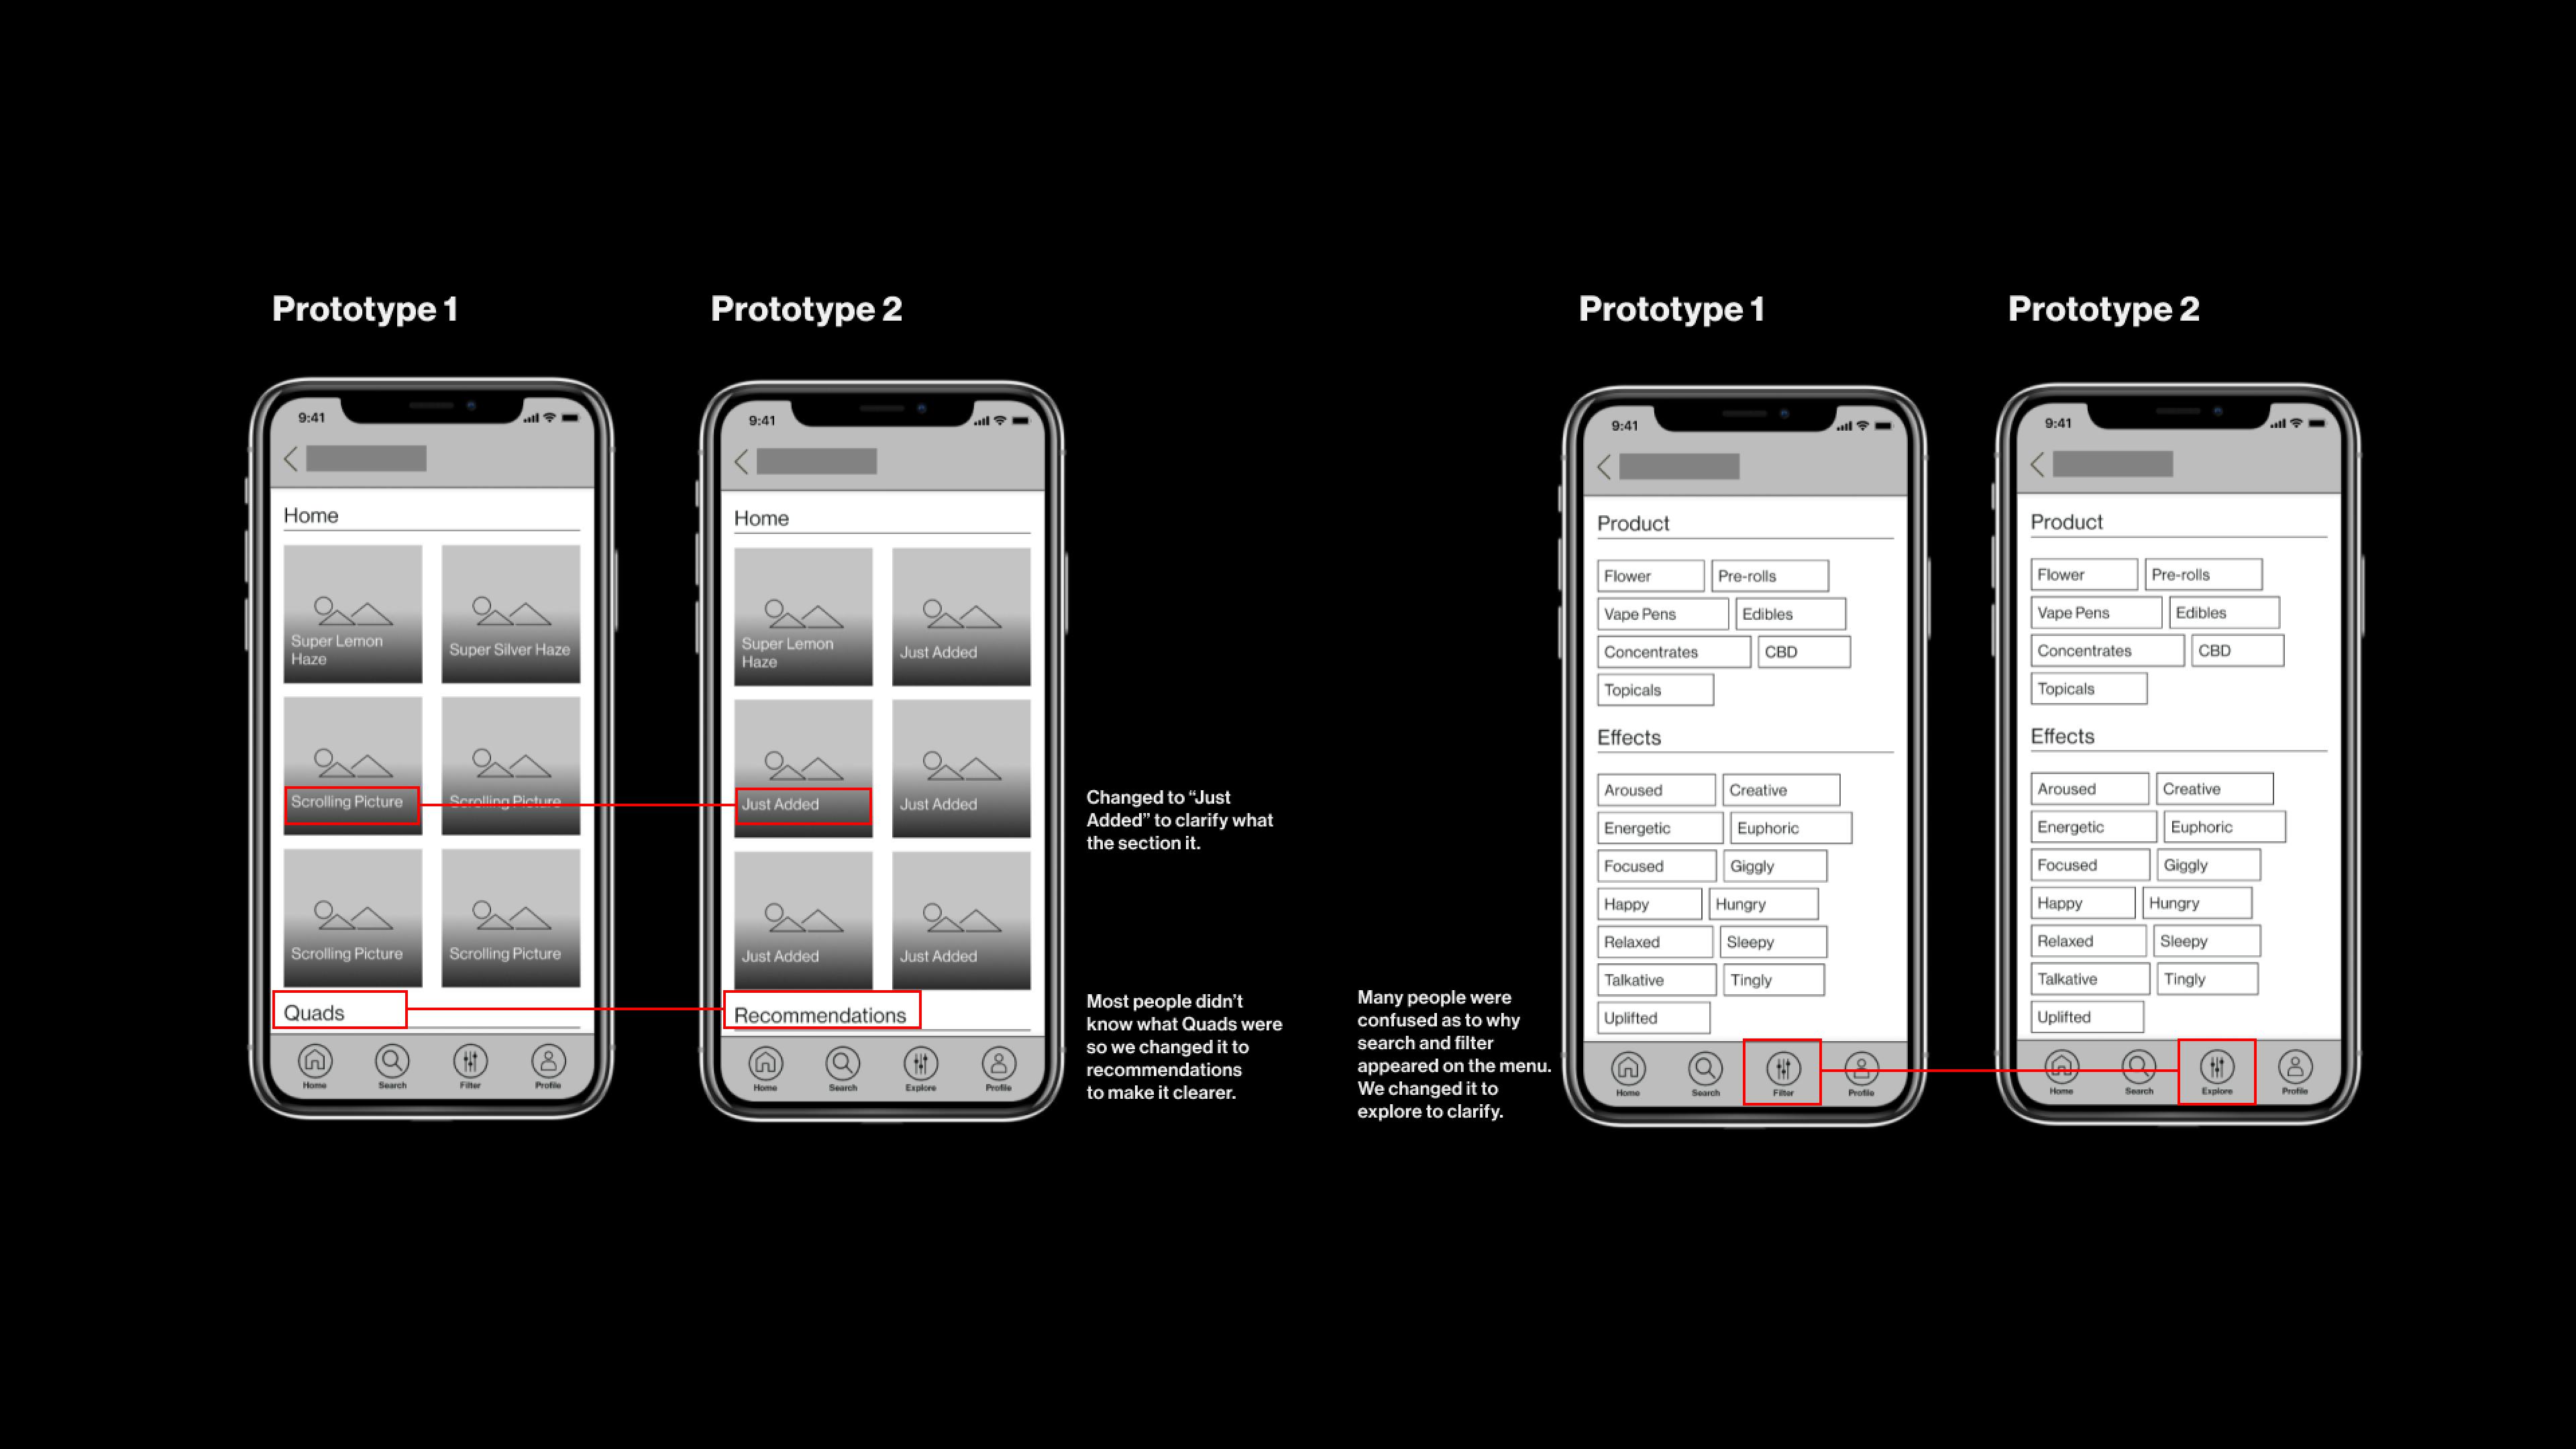 Design Iteration 1